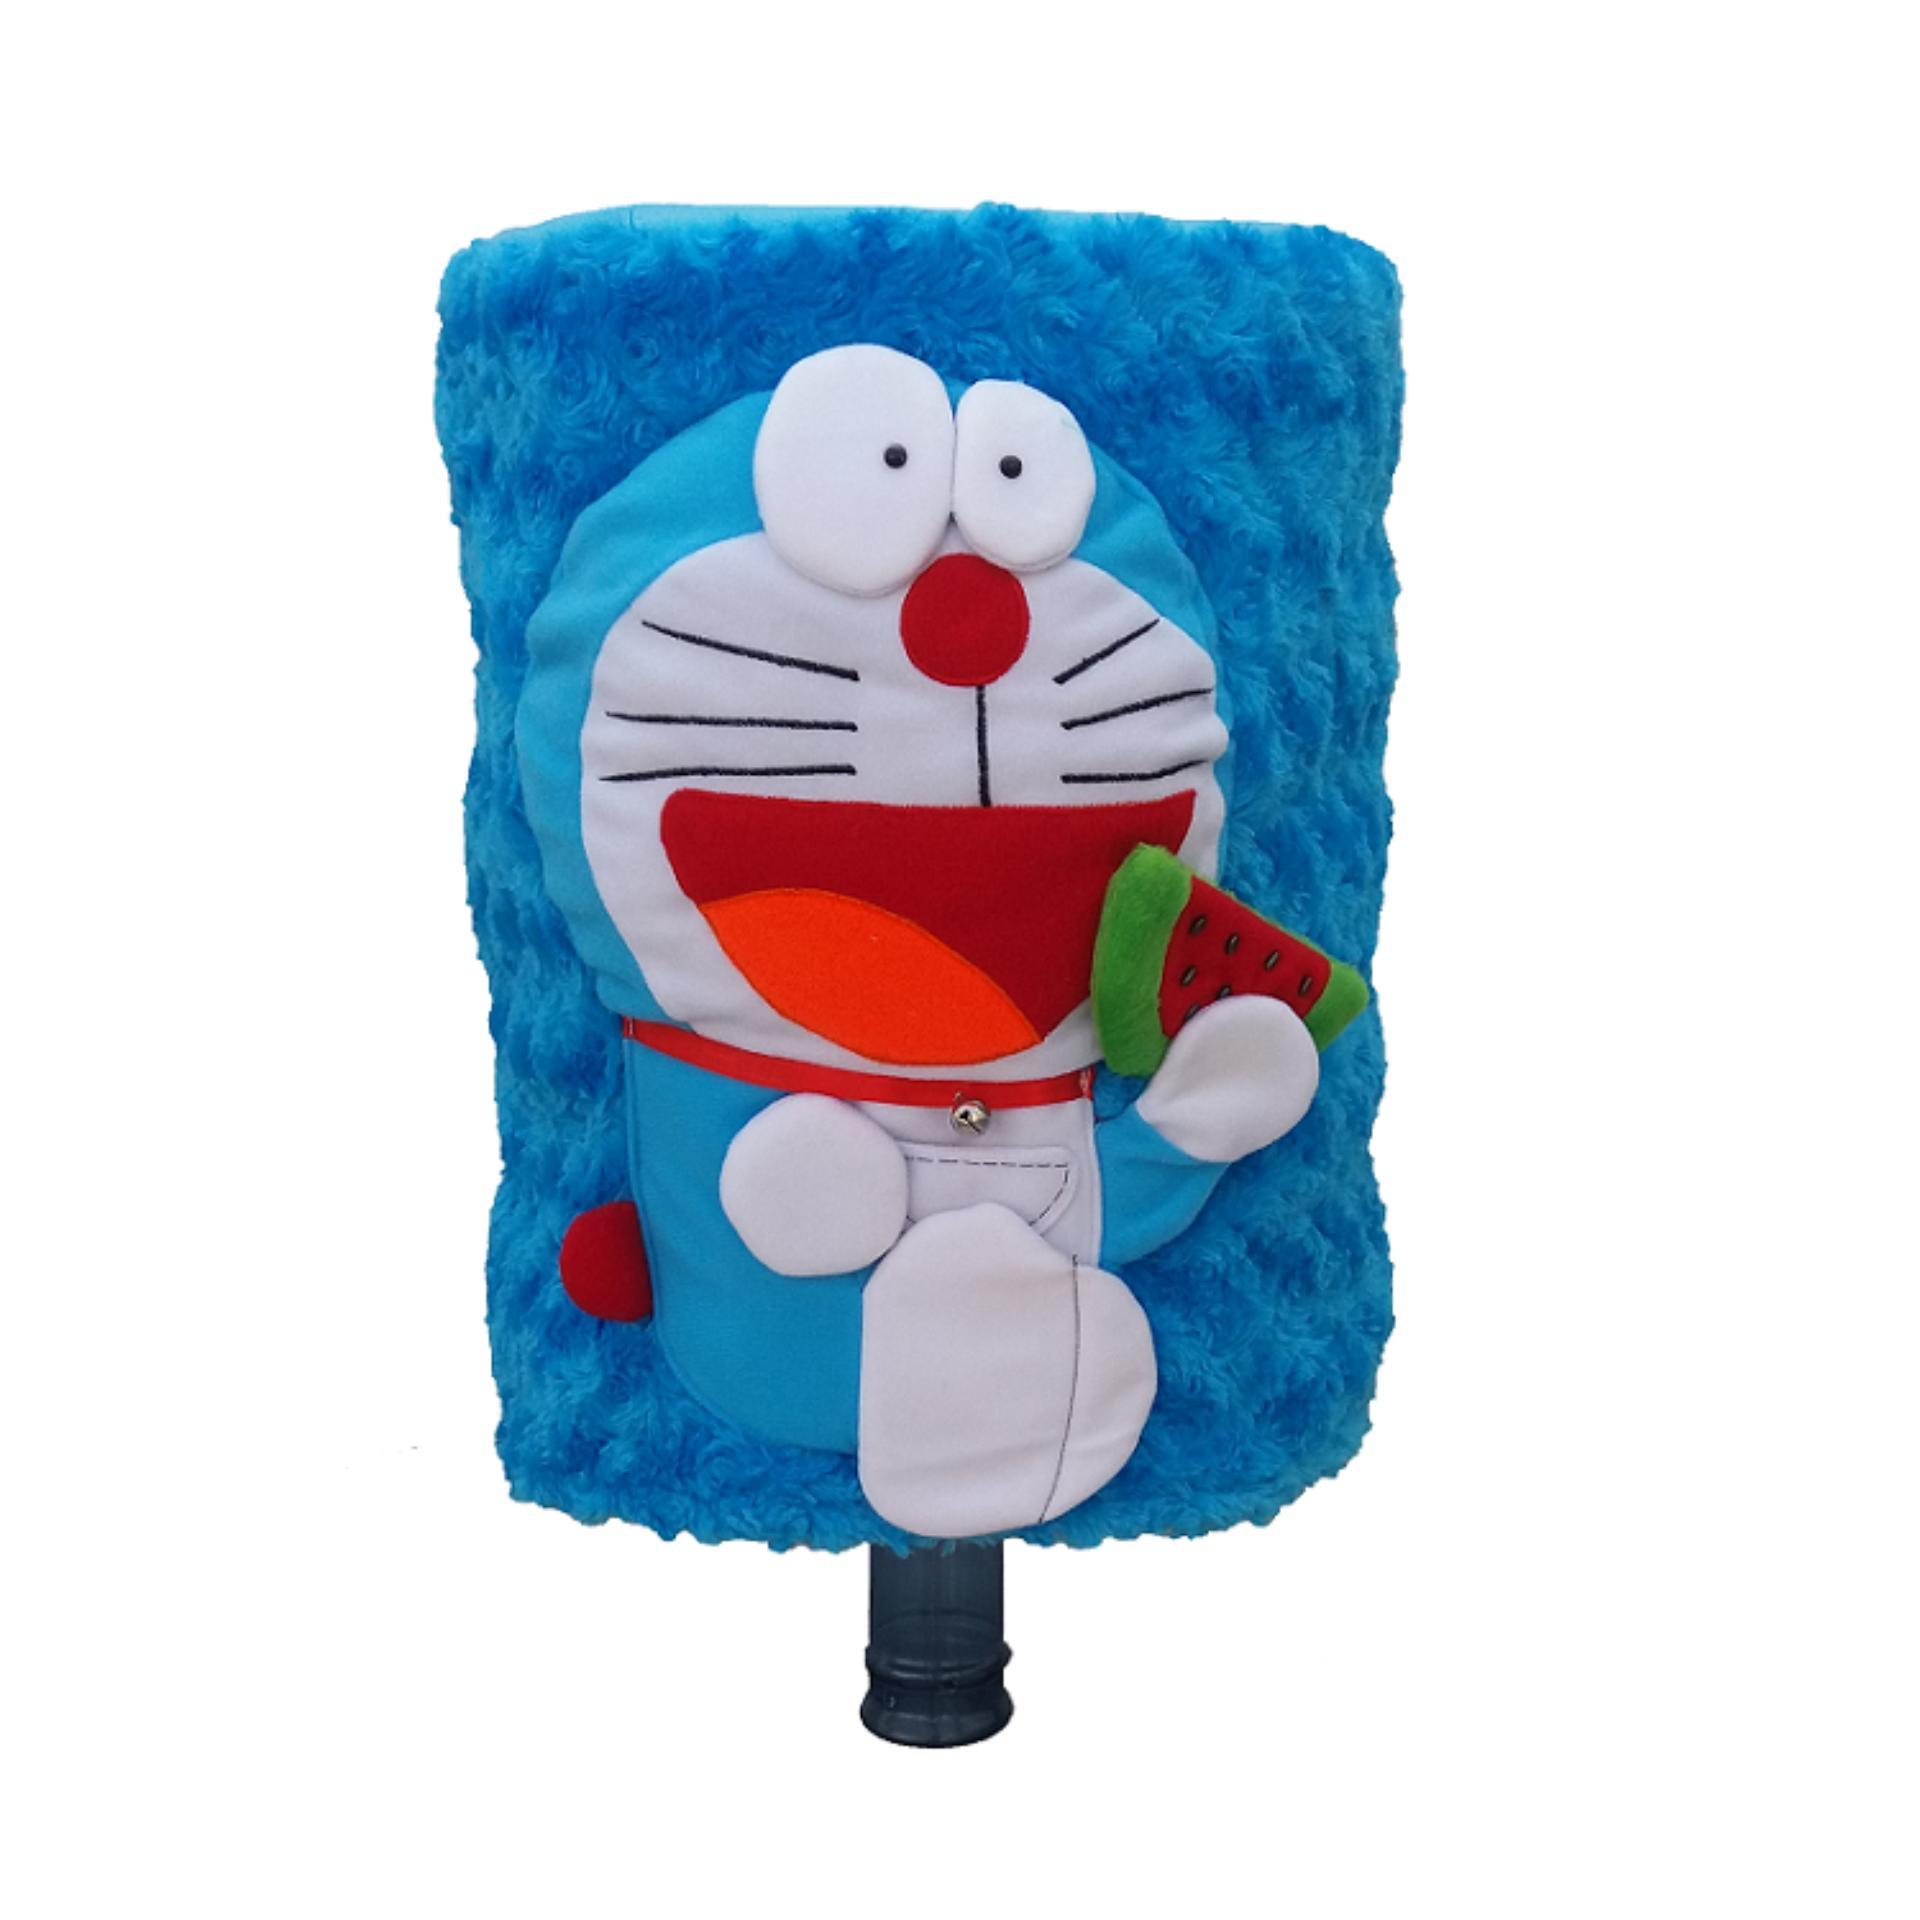 Jual Aksesoris Dispenser Air Termurah Galon Sanex D102 D 102 Hot Dan Normal Garansi Doraemon Karakter Sarung Boneka 3 Dimensi